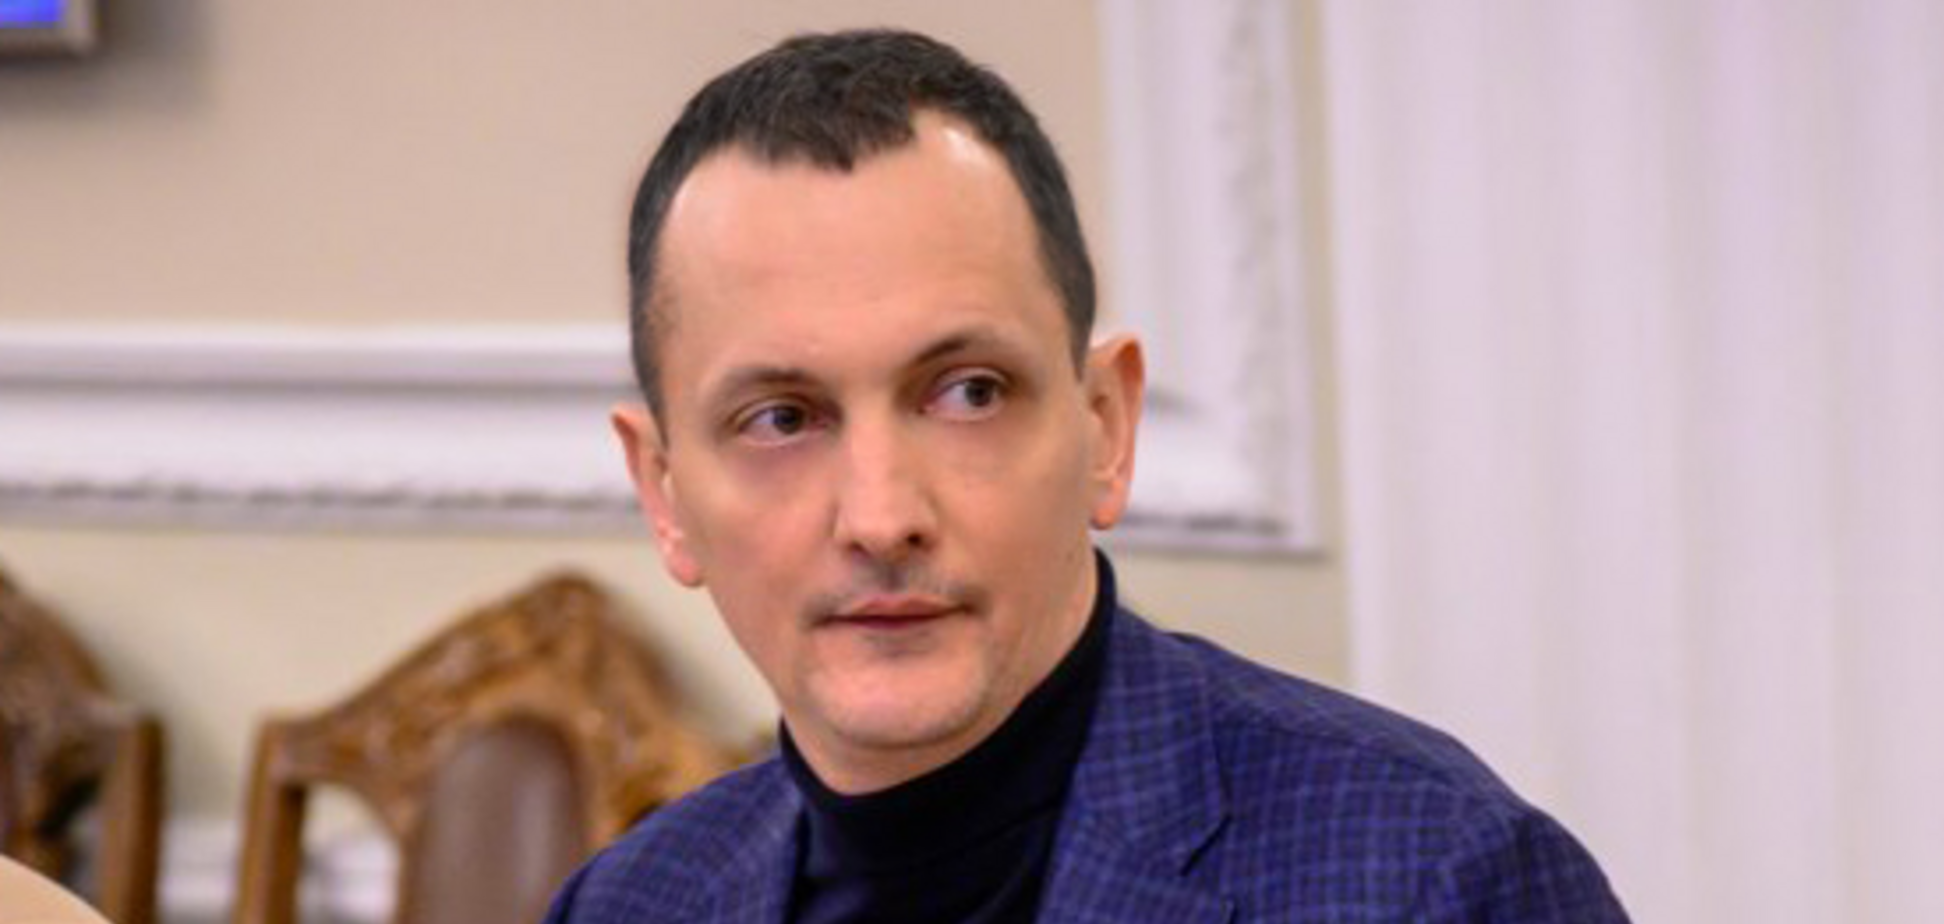 Радник прем'єра Юрій Голик: 206 об'єктів 'Великого будівництва' отримали фінансування 206 з ДФРР